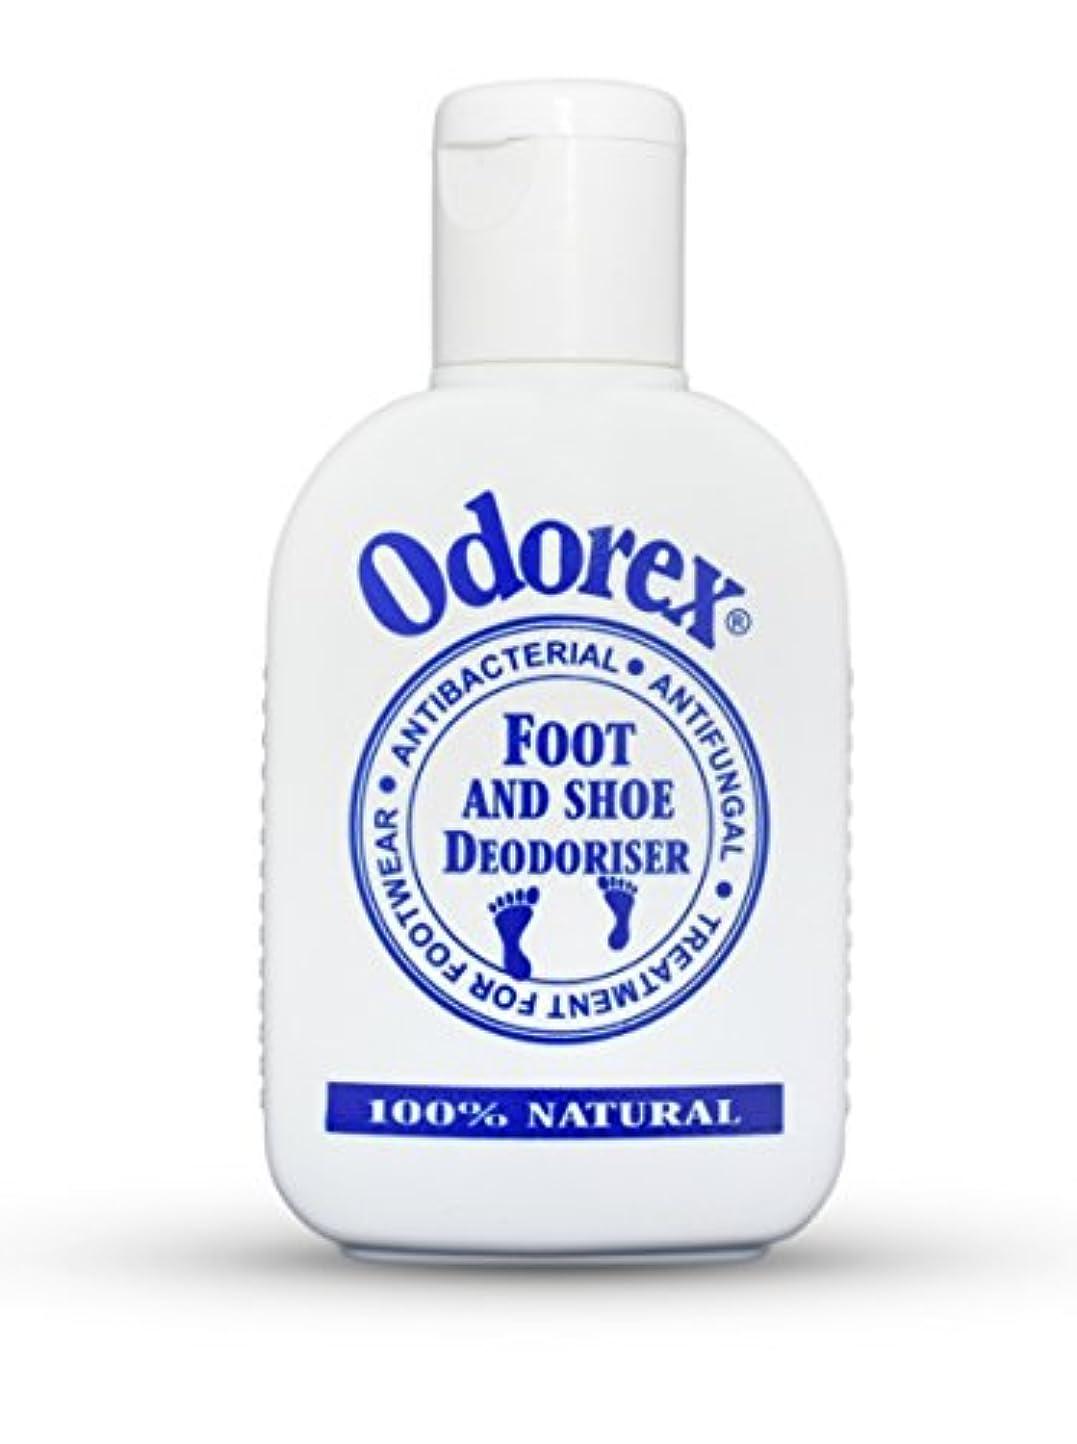 怠のれんフェリーオダエックス100% ナチュラル 靴用除菌?防菌?消臭パウダー30g